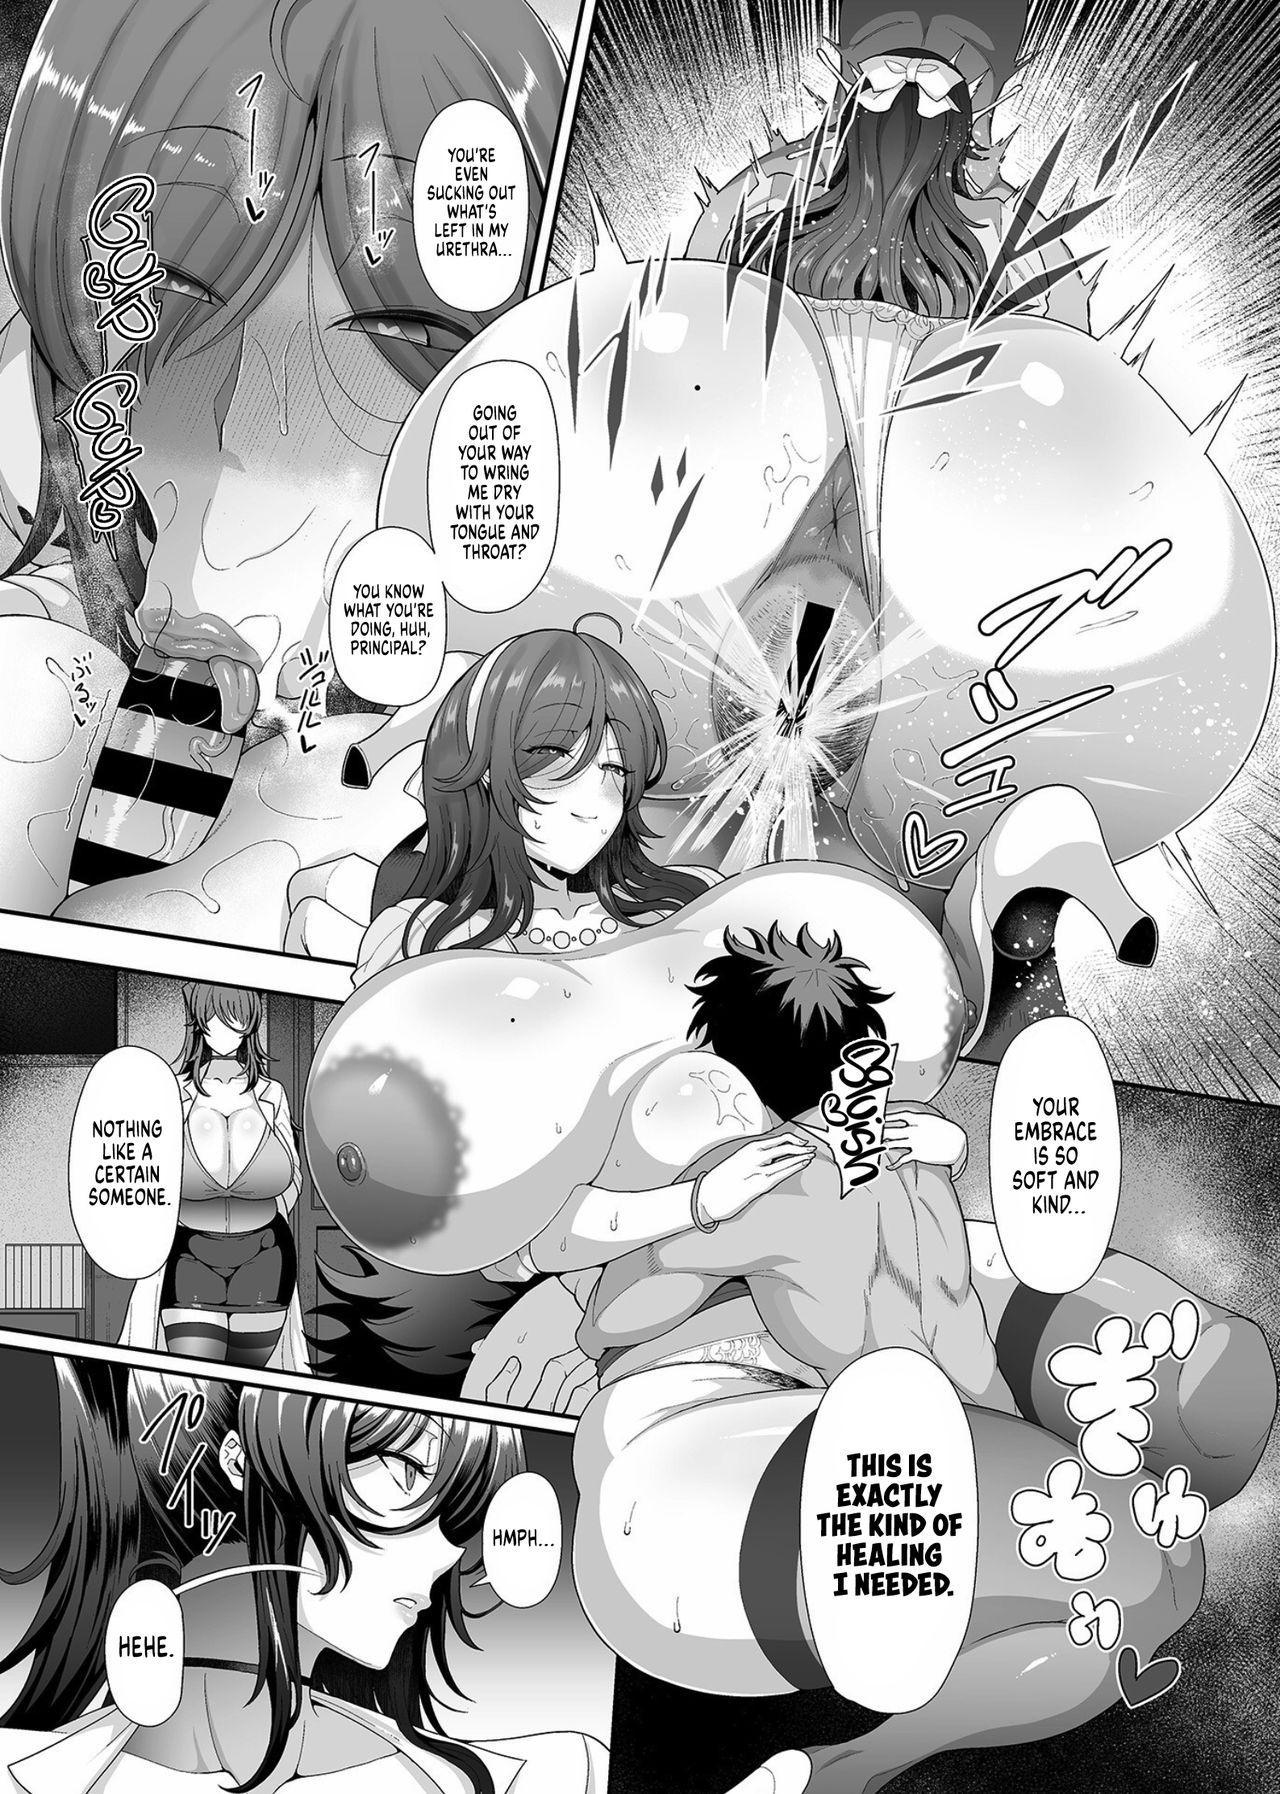 [Tawara Hiryuu] Saimin Seikatsu [Sonobe Ayako Hen] | Hypnotic Sexual Life [Shirogane Yuri Chapter] (COMIC GEE Vol. 9) [English] [RedLantern] 5